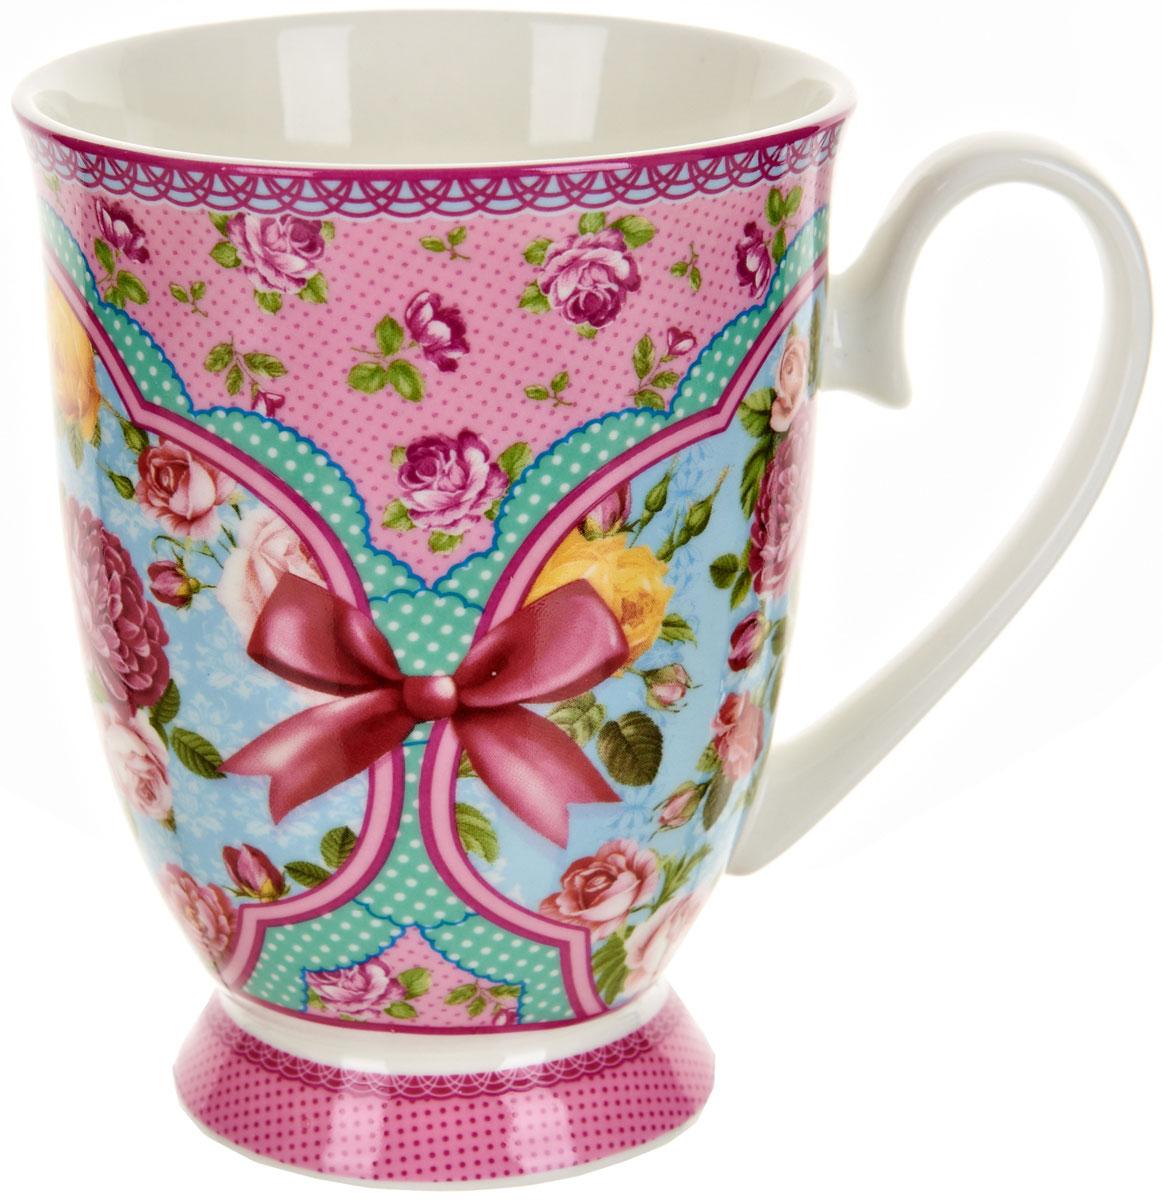 Кружка Polystar Розовый нектар, 360 млL0990560Оригинальная кружка Polystar, выполненная из фарфора, сочетает в себе изысканный дизайн с максимальной функциональностью.Красочность оформления кружки придется по вкусу и ценителям классики, и тем, кто предпочитает утонченность и изысканность. Можно использовать в микроволной печи и мыть в посудомоечной машине.Объем: 360 мл.